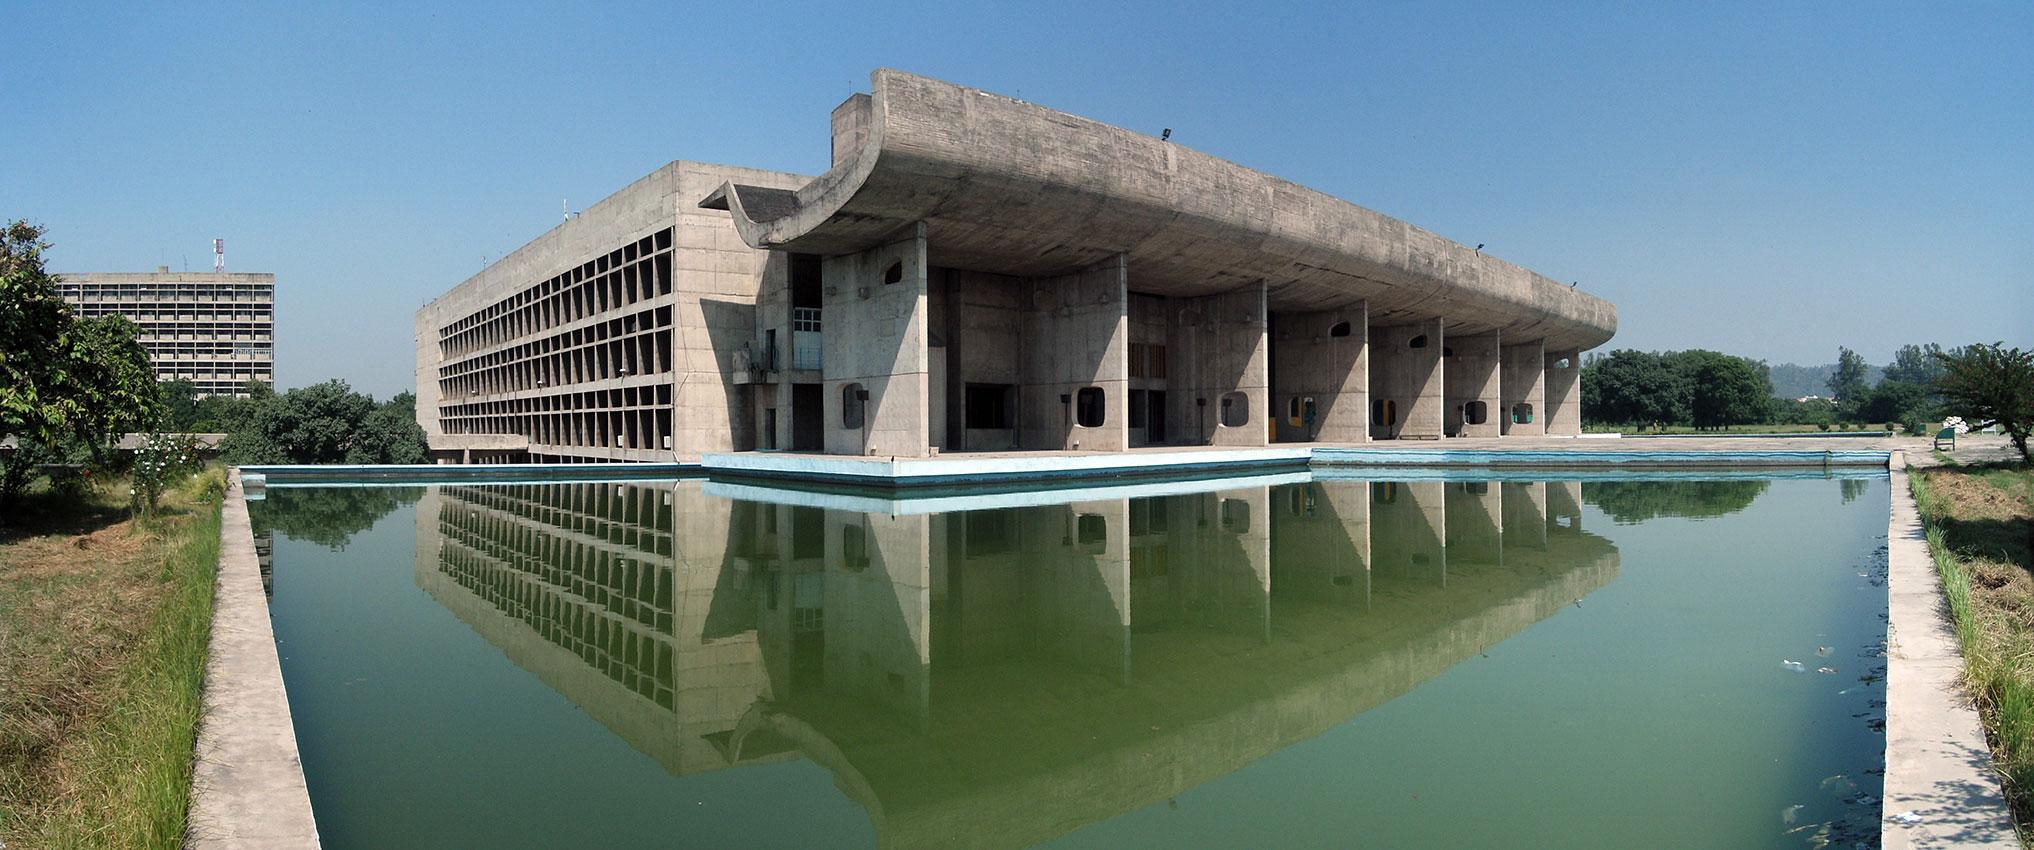 Palacio de la asamblea de India, diseño de Le Corbusier.